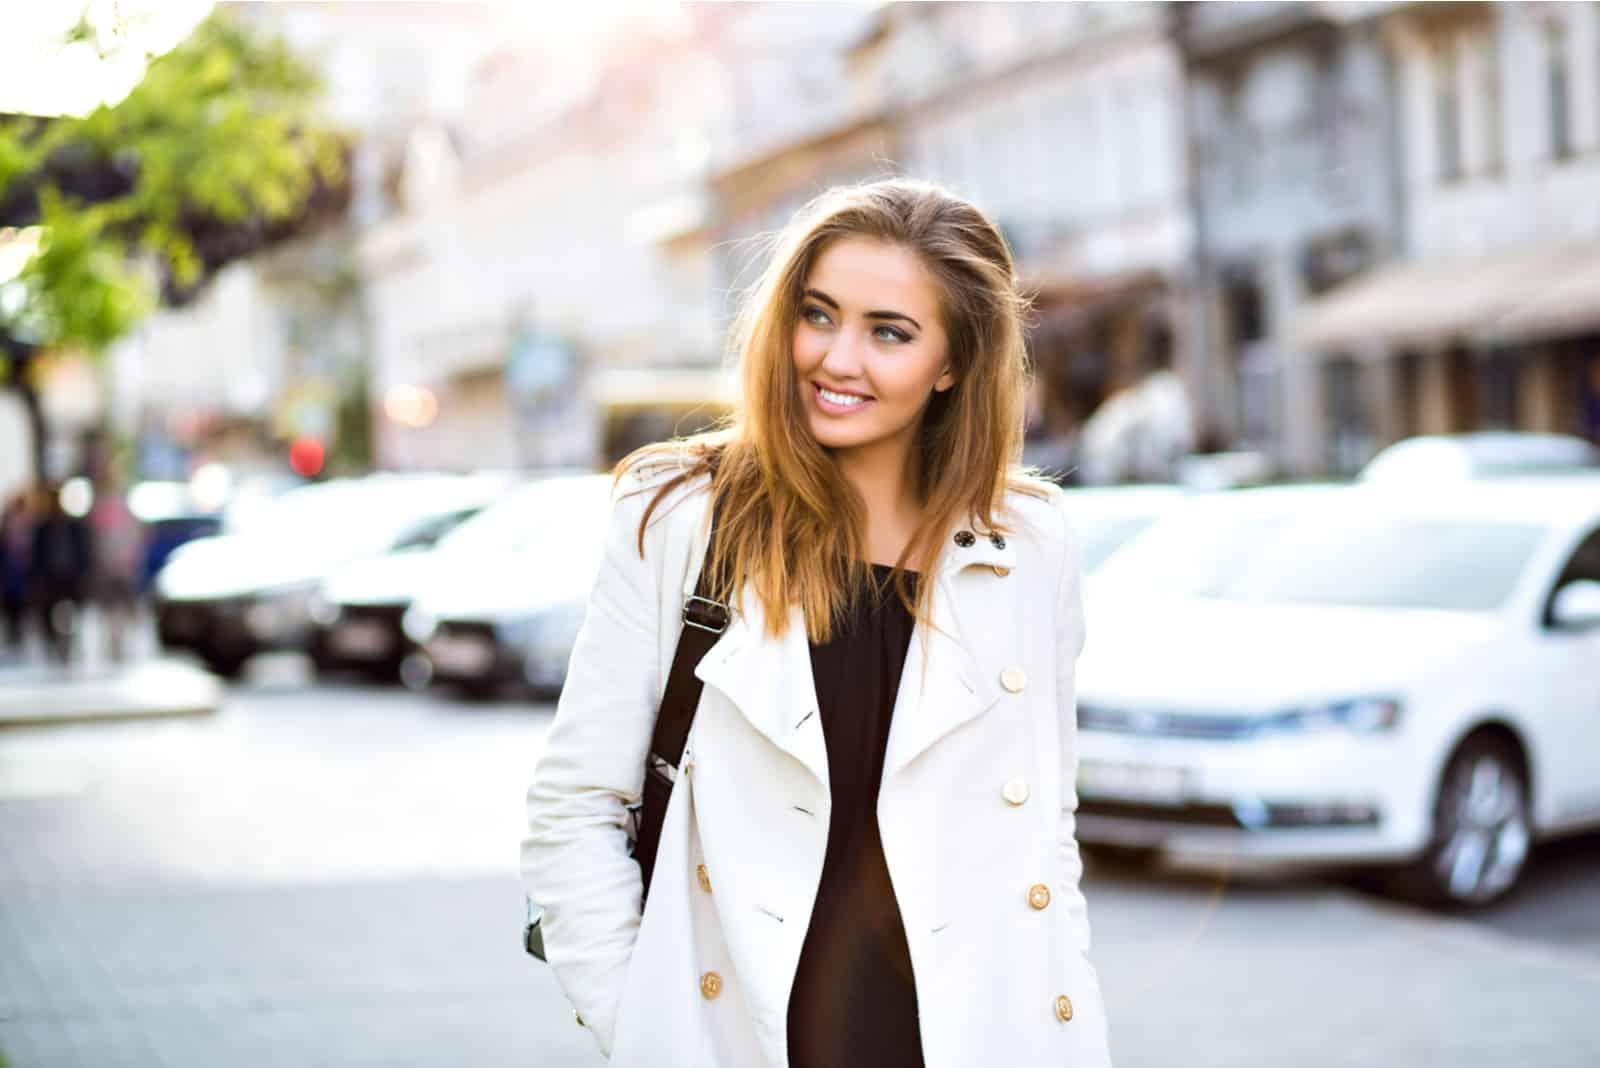 une femme aux cheveux bruns marche dans la rue